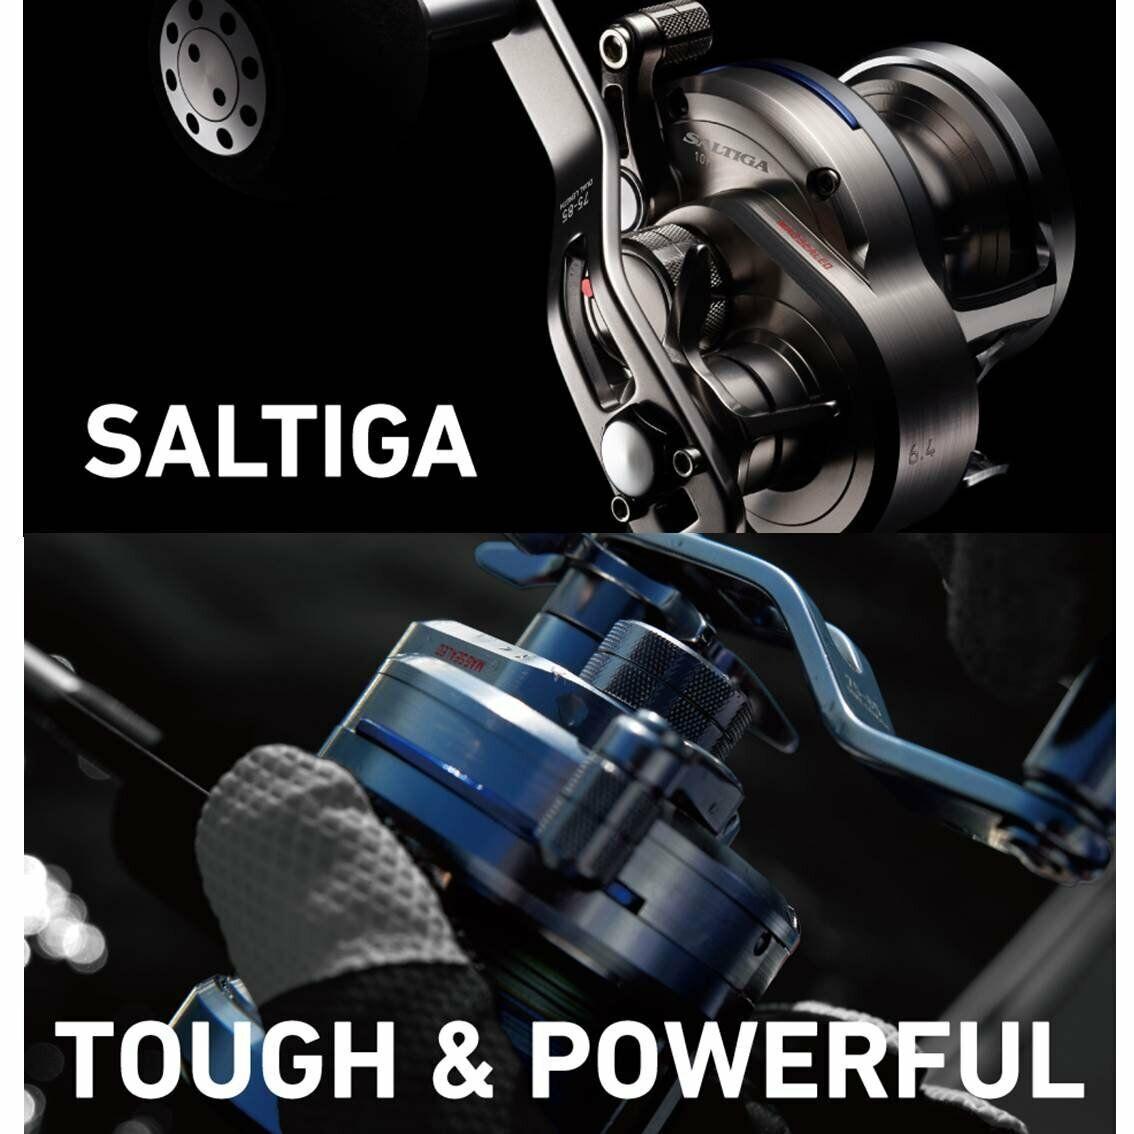 DAIWA SALTIGA 15 15 15 10 5.1 baitcasting mulinello per JIGGING NUOVO FS cbd